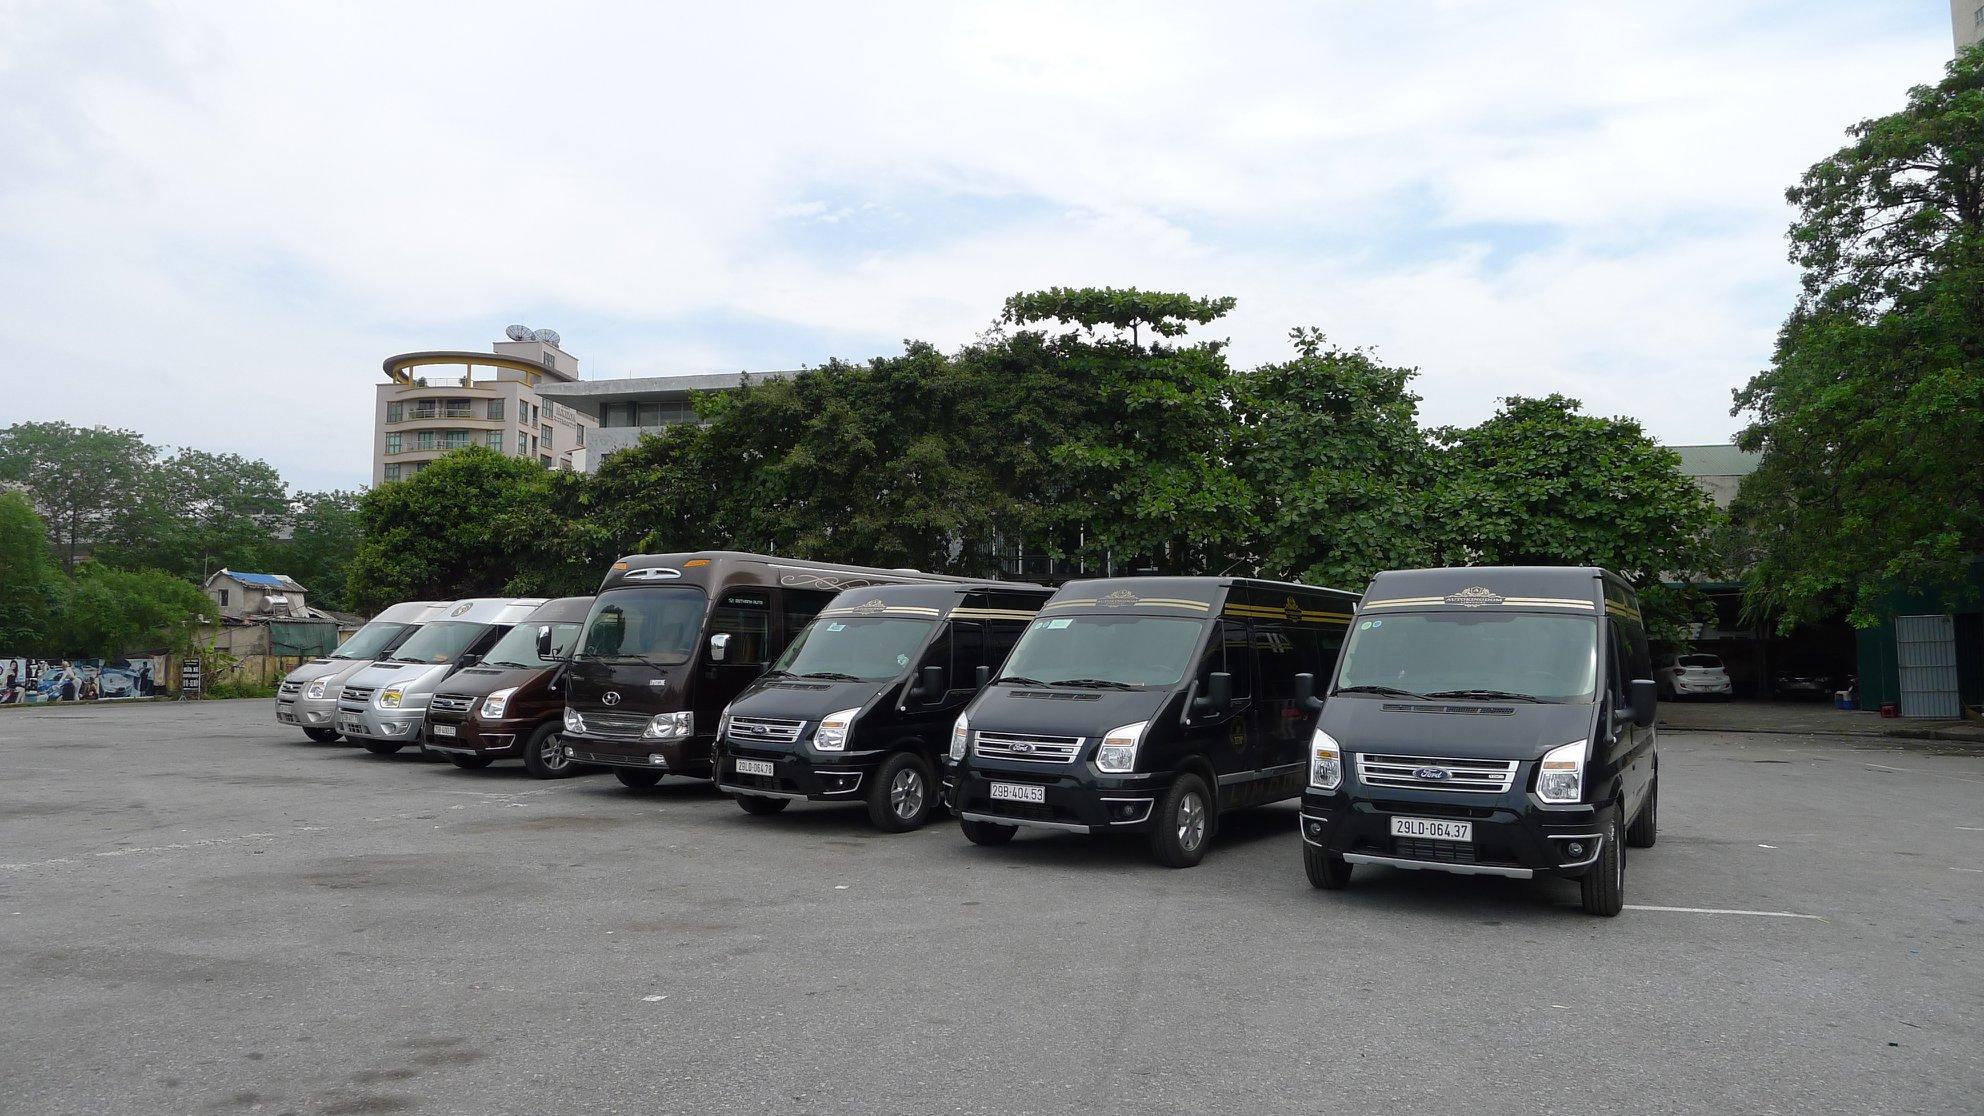 Cho thuê xe 16 chỗ tại Đồng Tháp giá rẻ